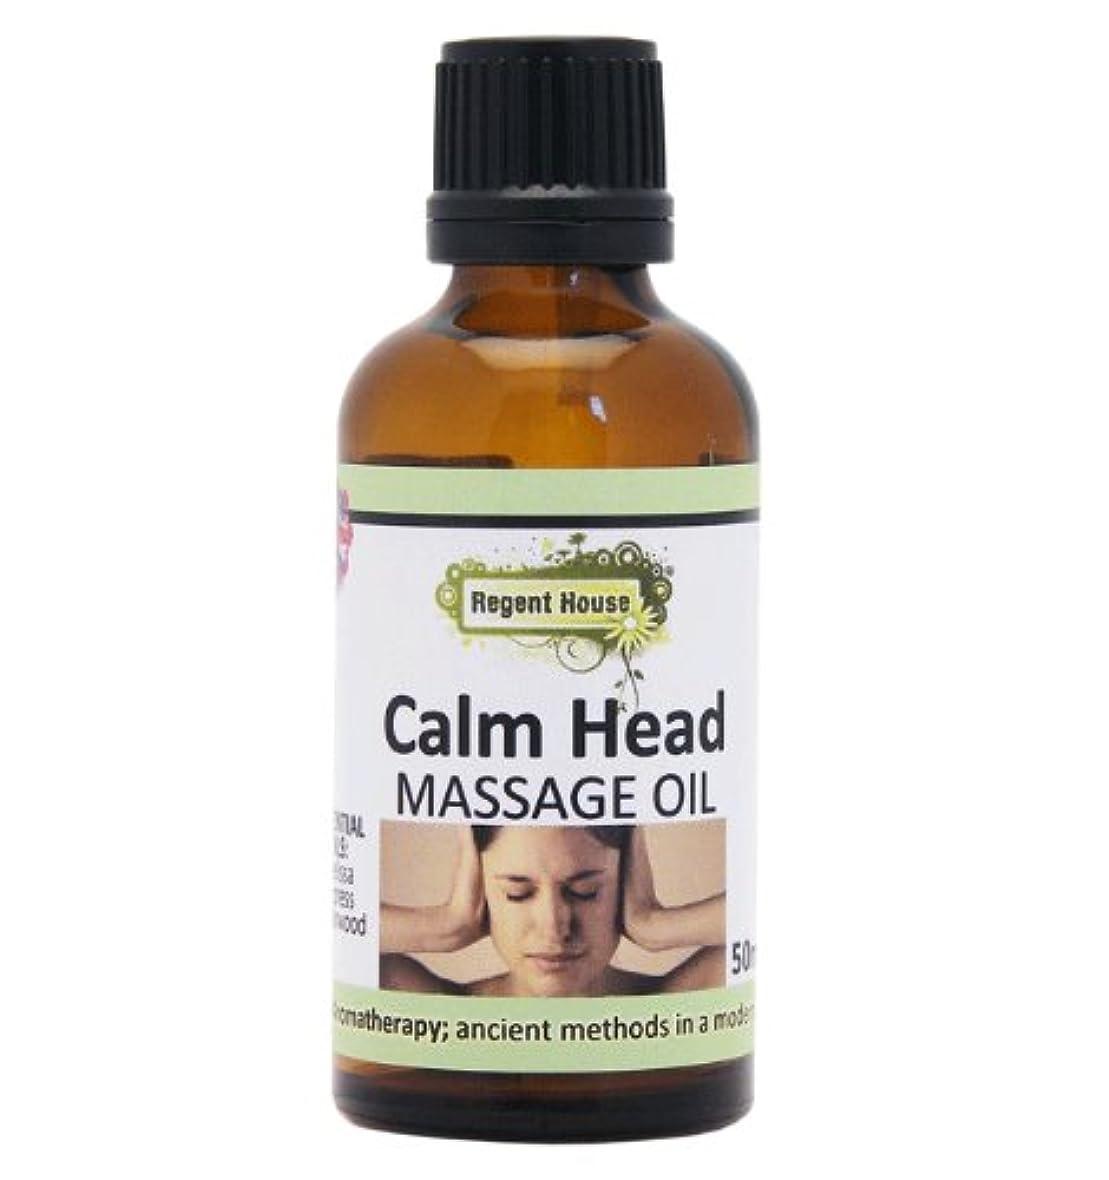 平行ディスコ耕す天然の精油がたっぷり入って、この値段。 アロマ ナチュラル マッサージオイル 50ml カームヘッド(Aroma Massage Oil Calm Head)